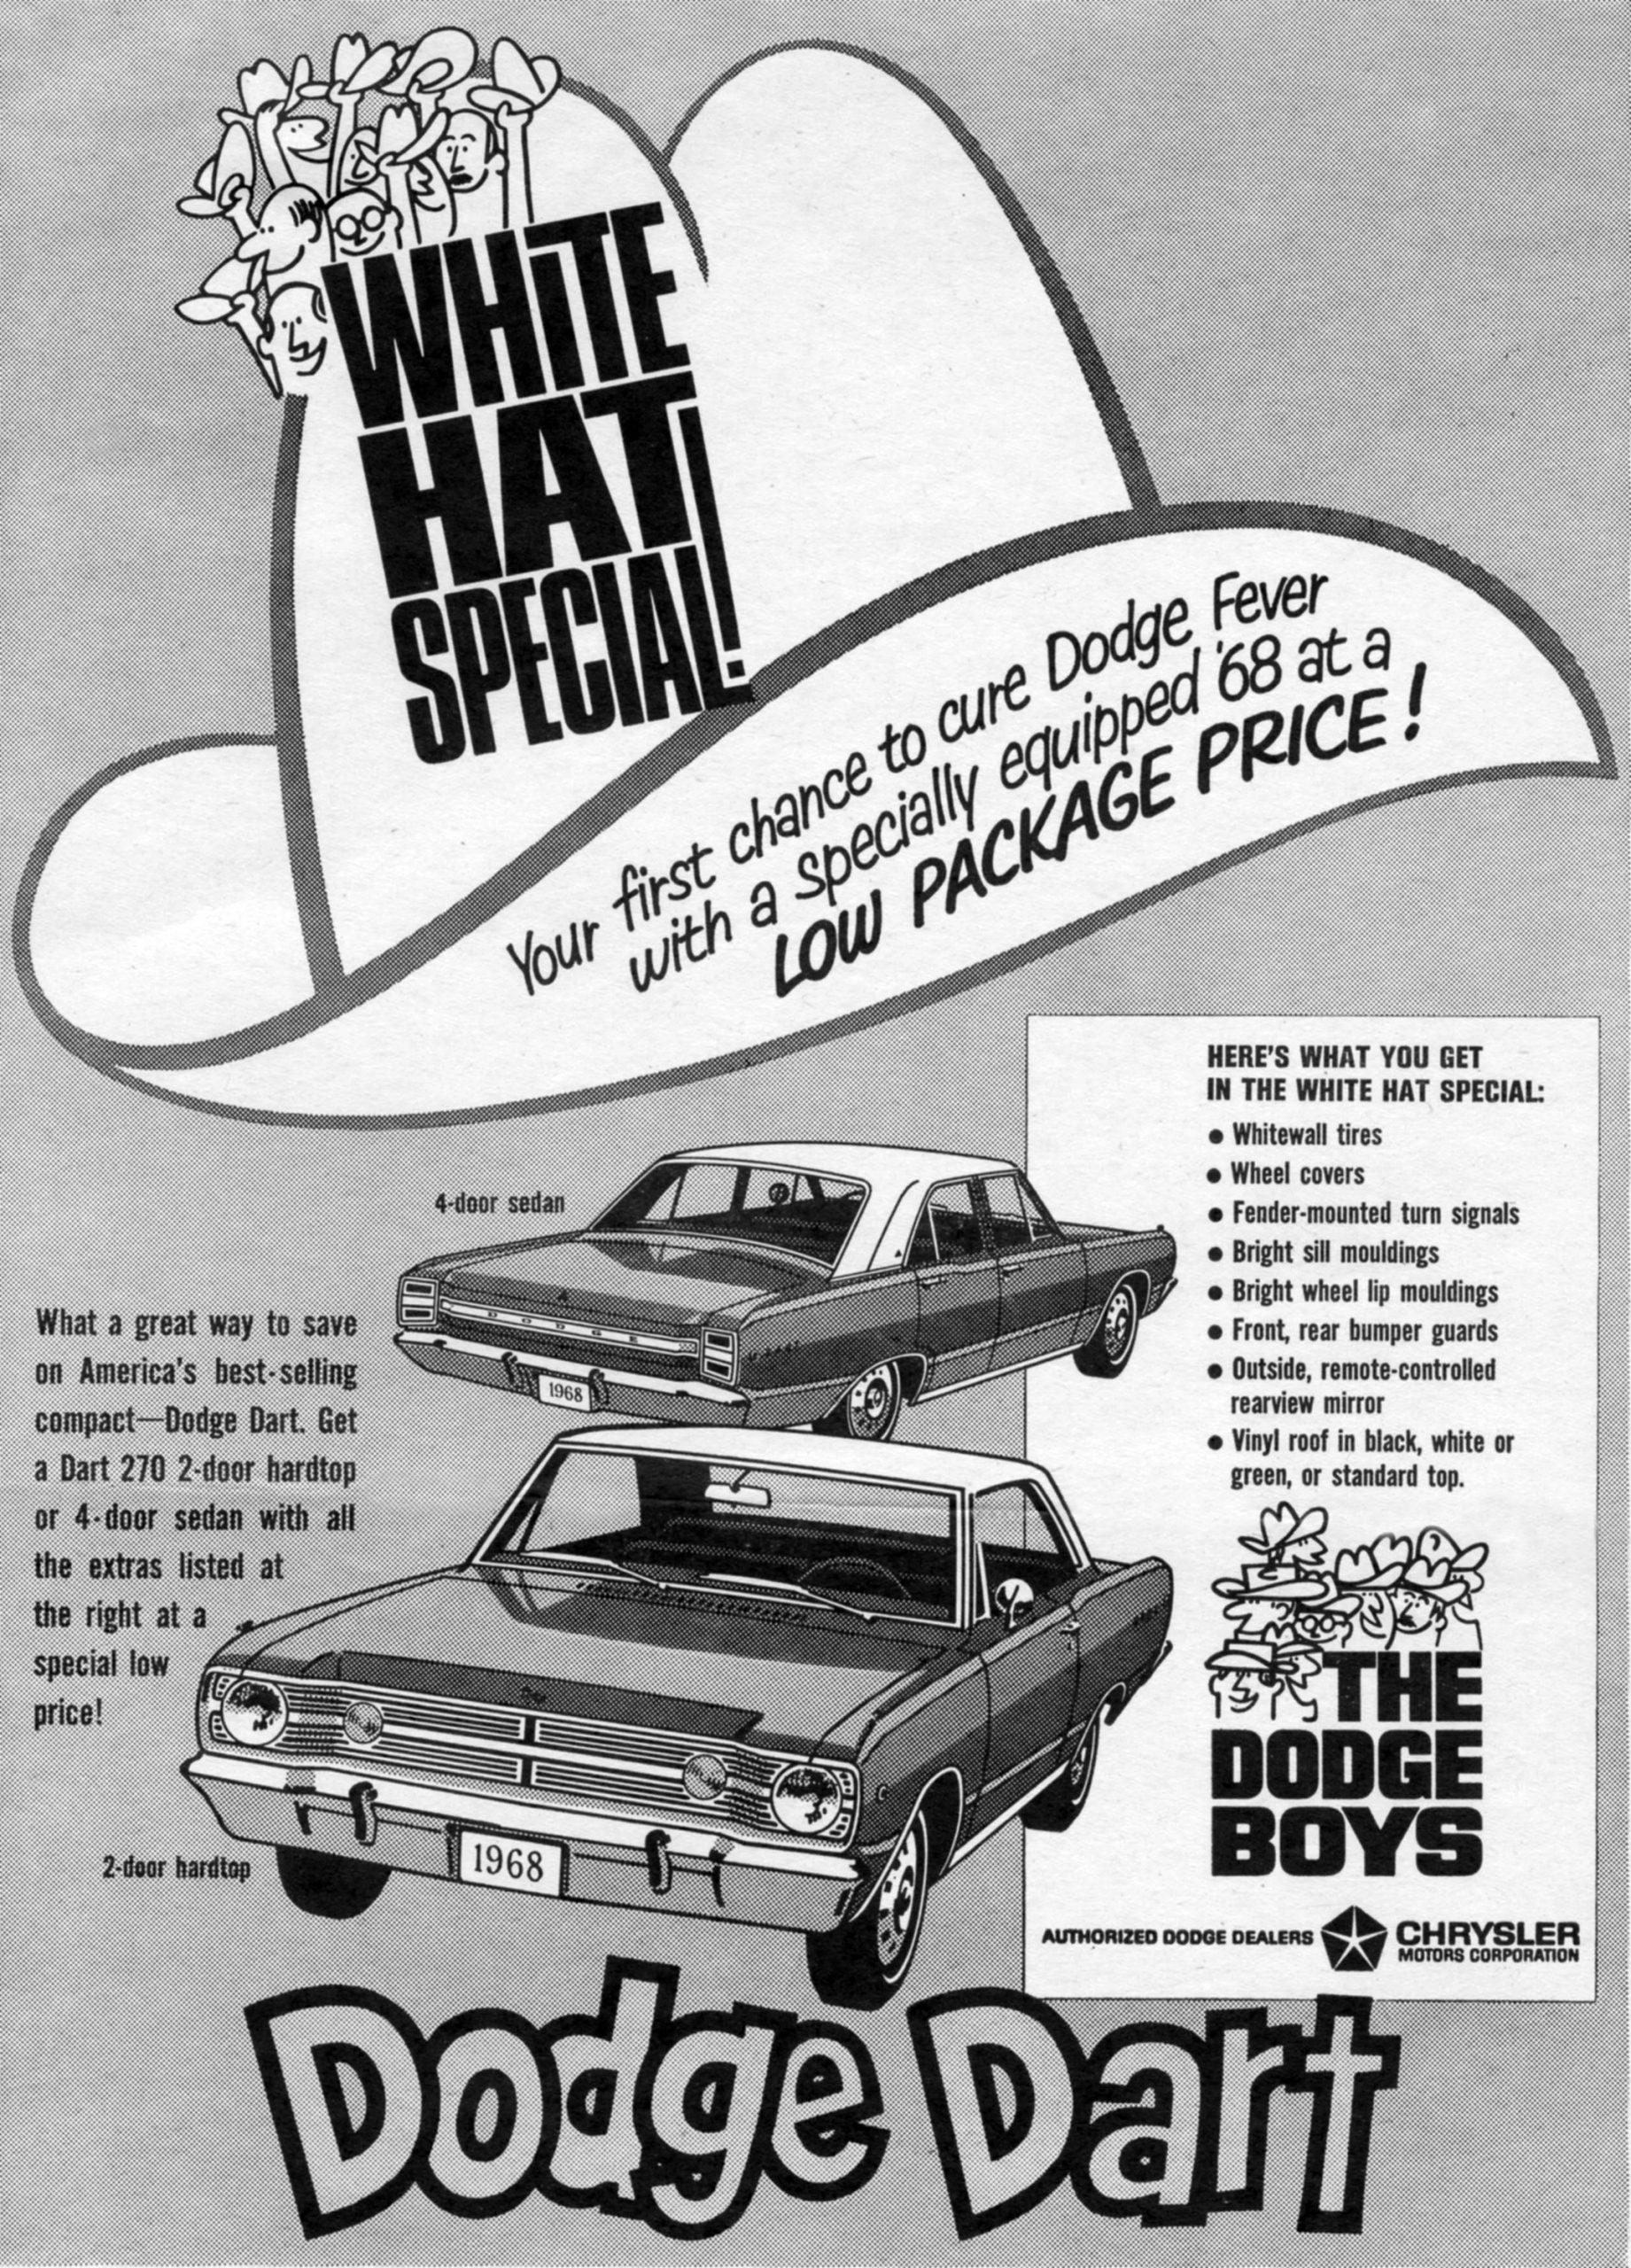 1968 Dodge Dart Vintage Car Ad